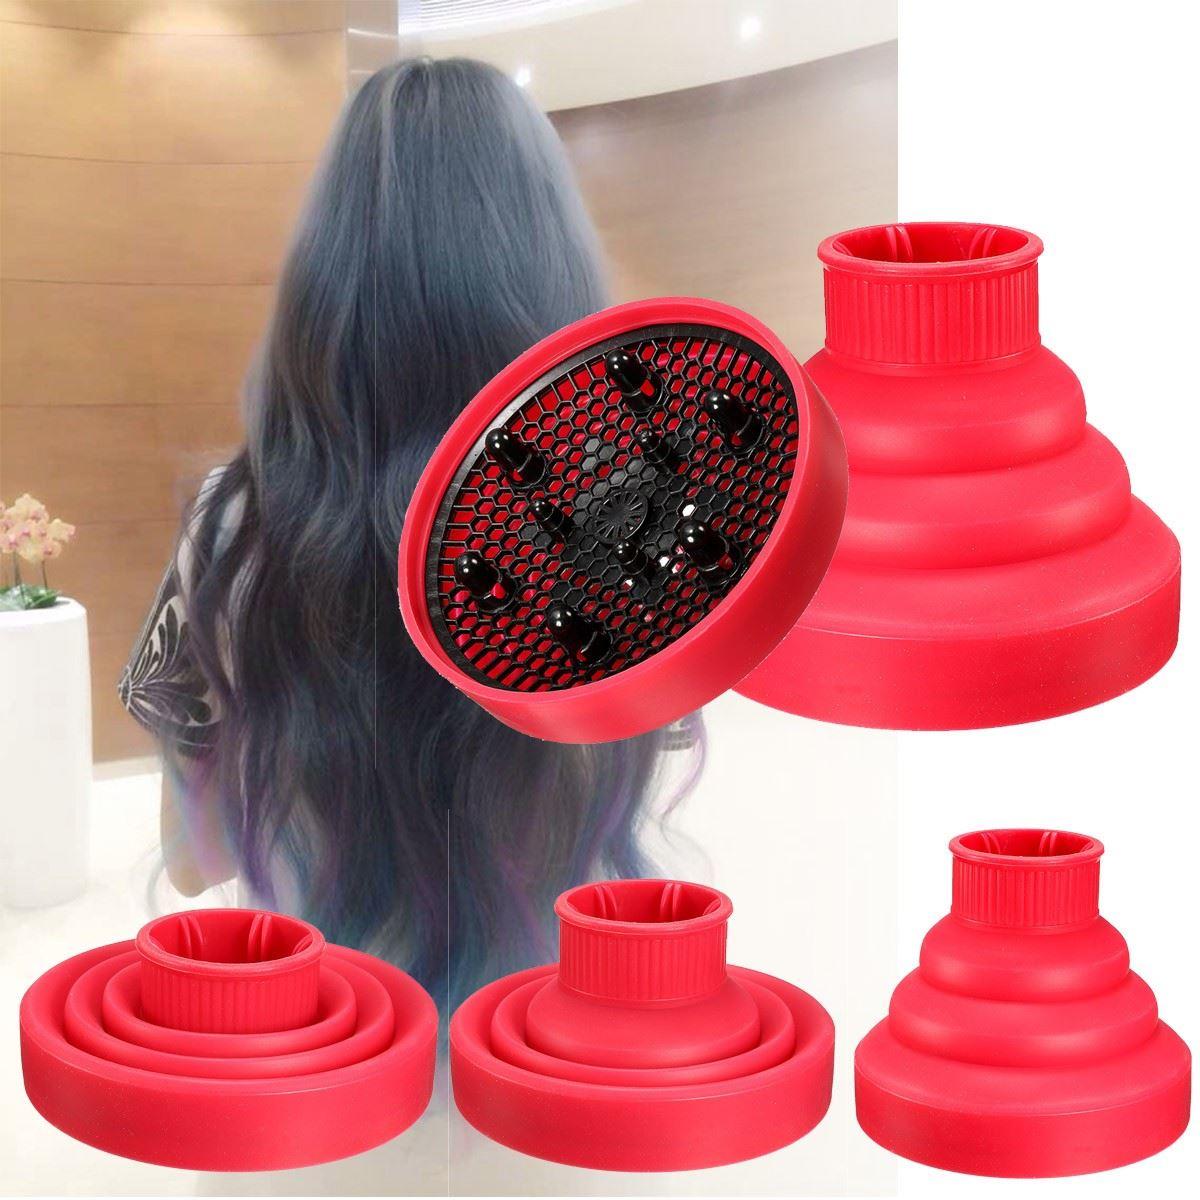 Диффузор для волос в домашних условиях